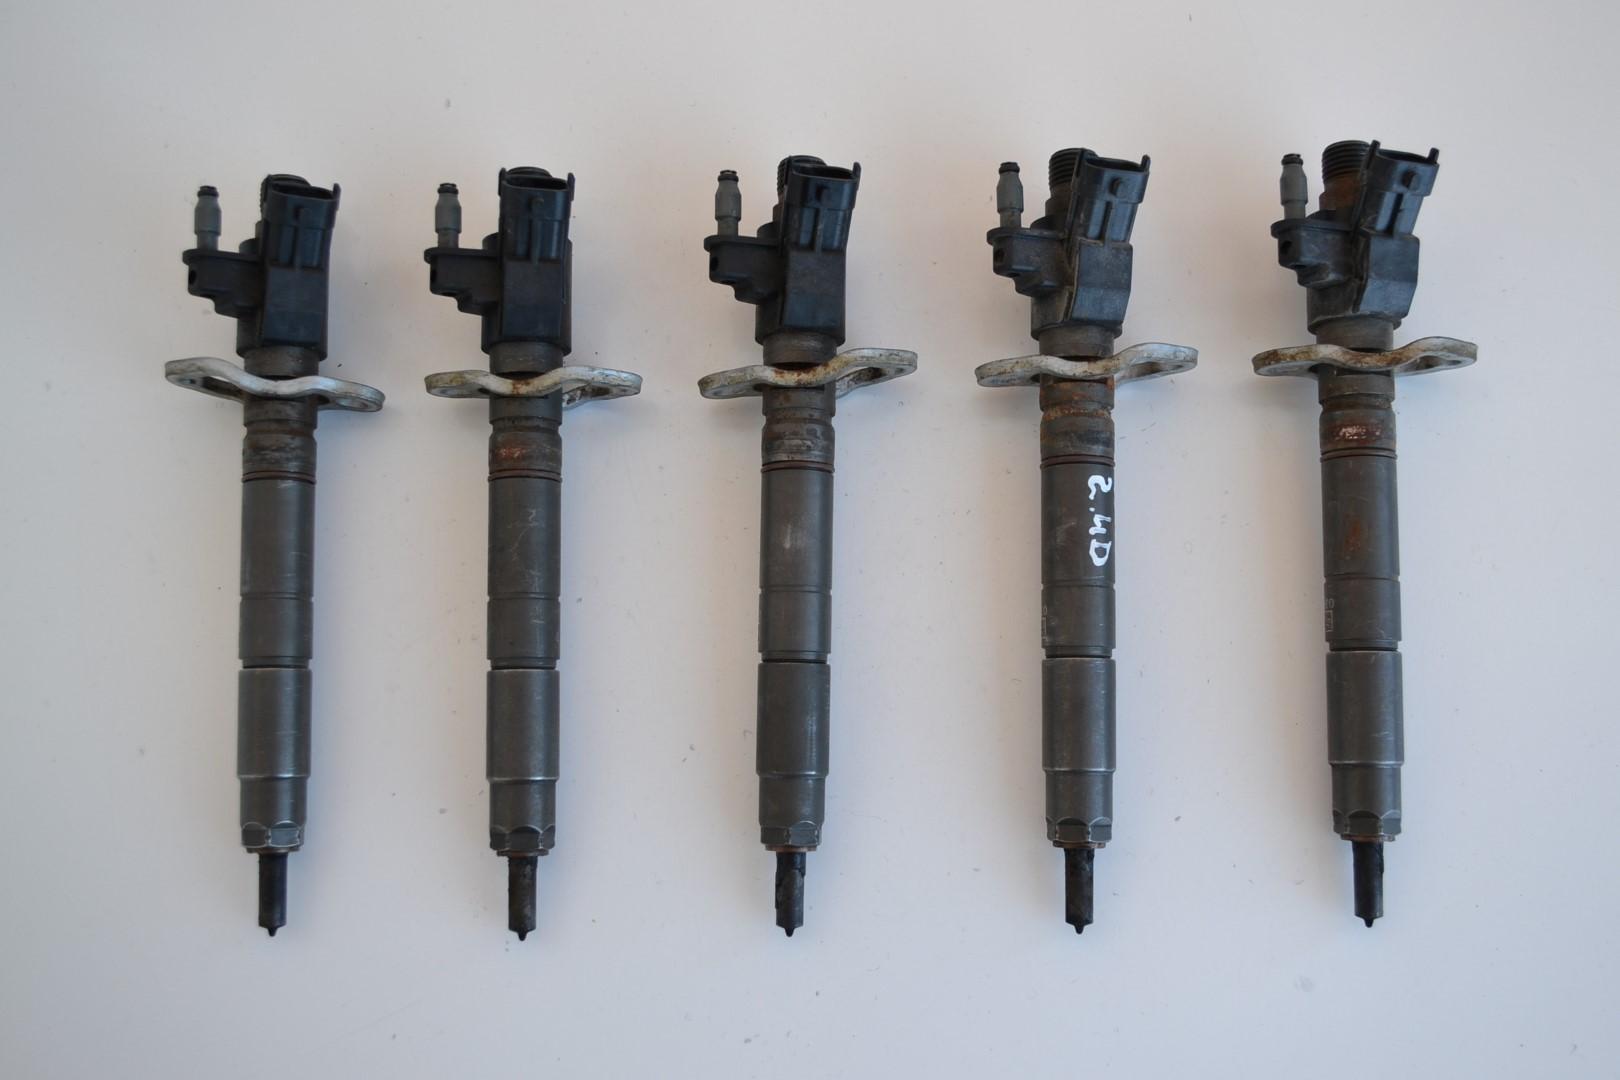 volvo v70 2 4 d5 2010 diesel fuel injector set kit 5x. Black Bedroom Furniture Sets. Home Design Ideas